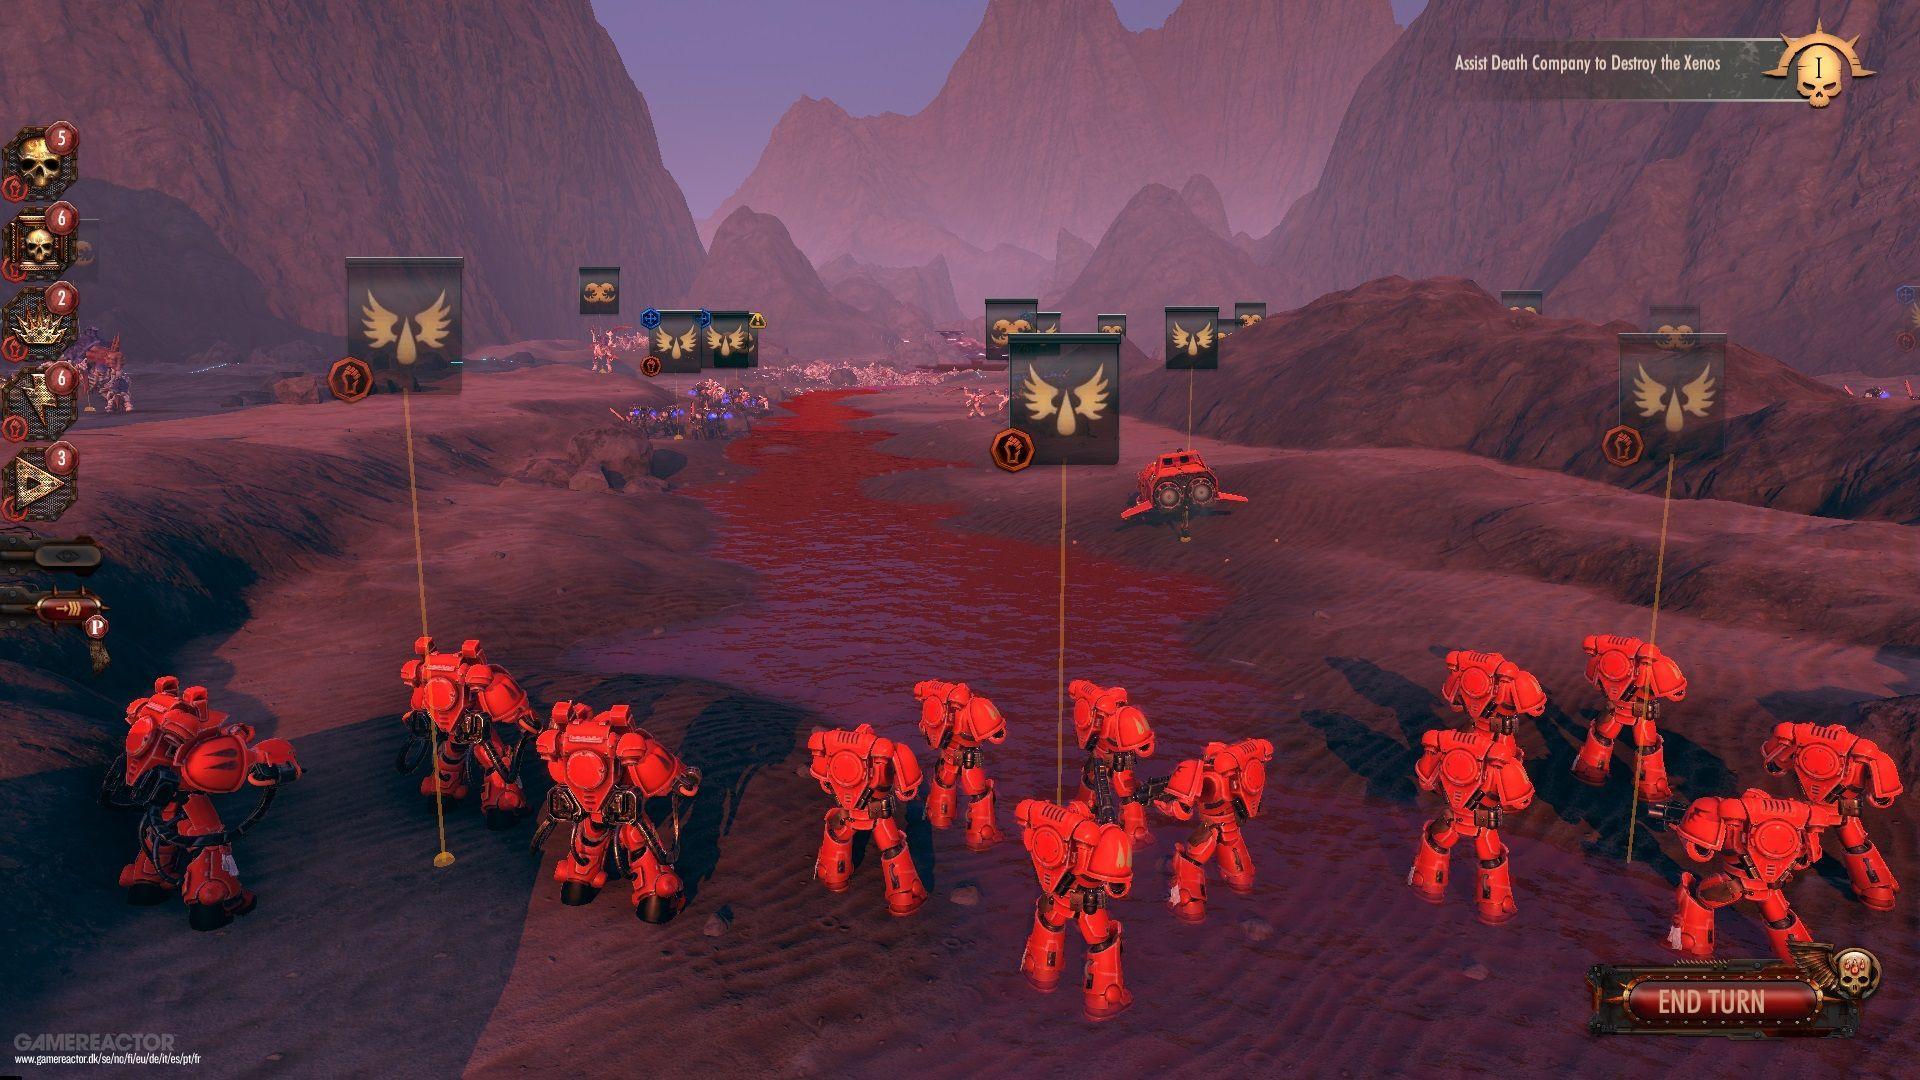 داستان بازی Warhammer 40000